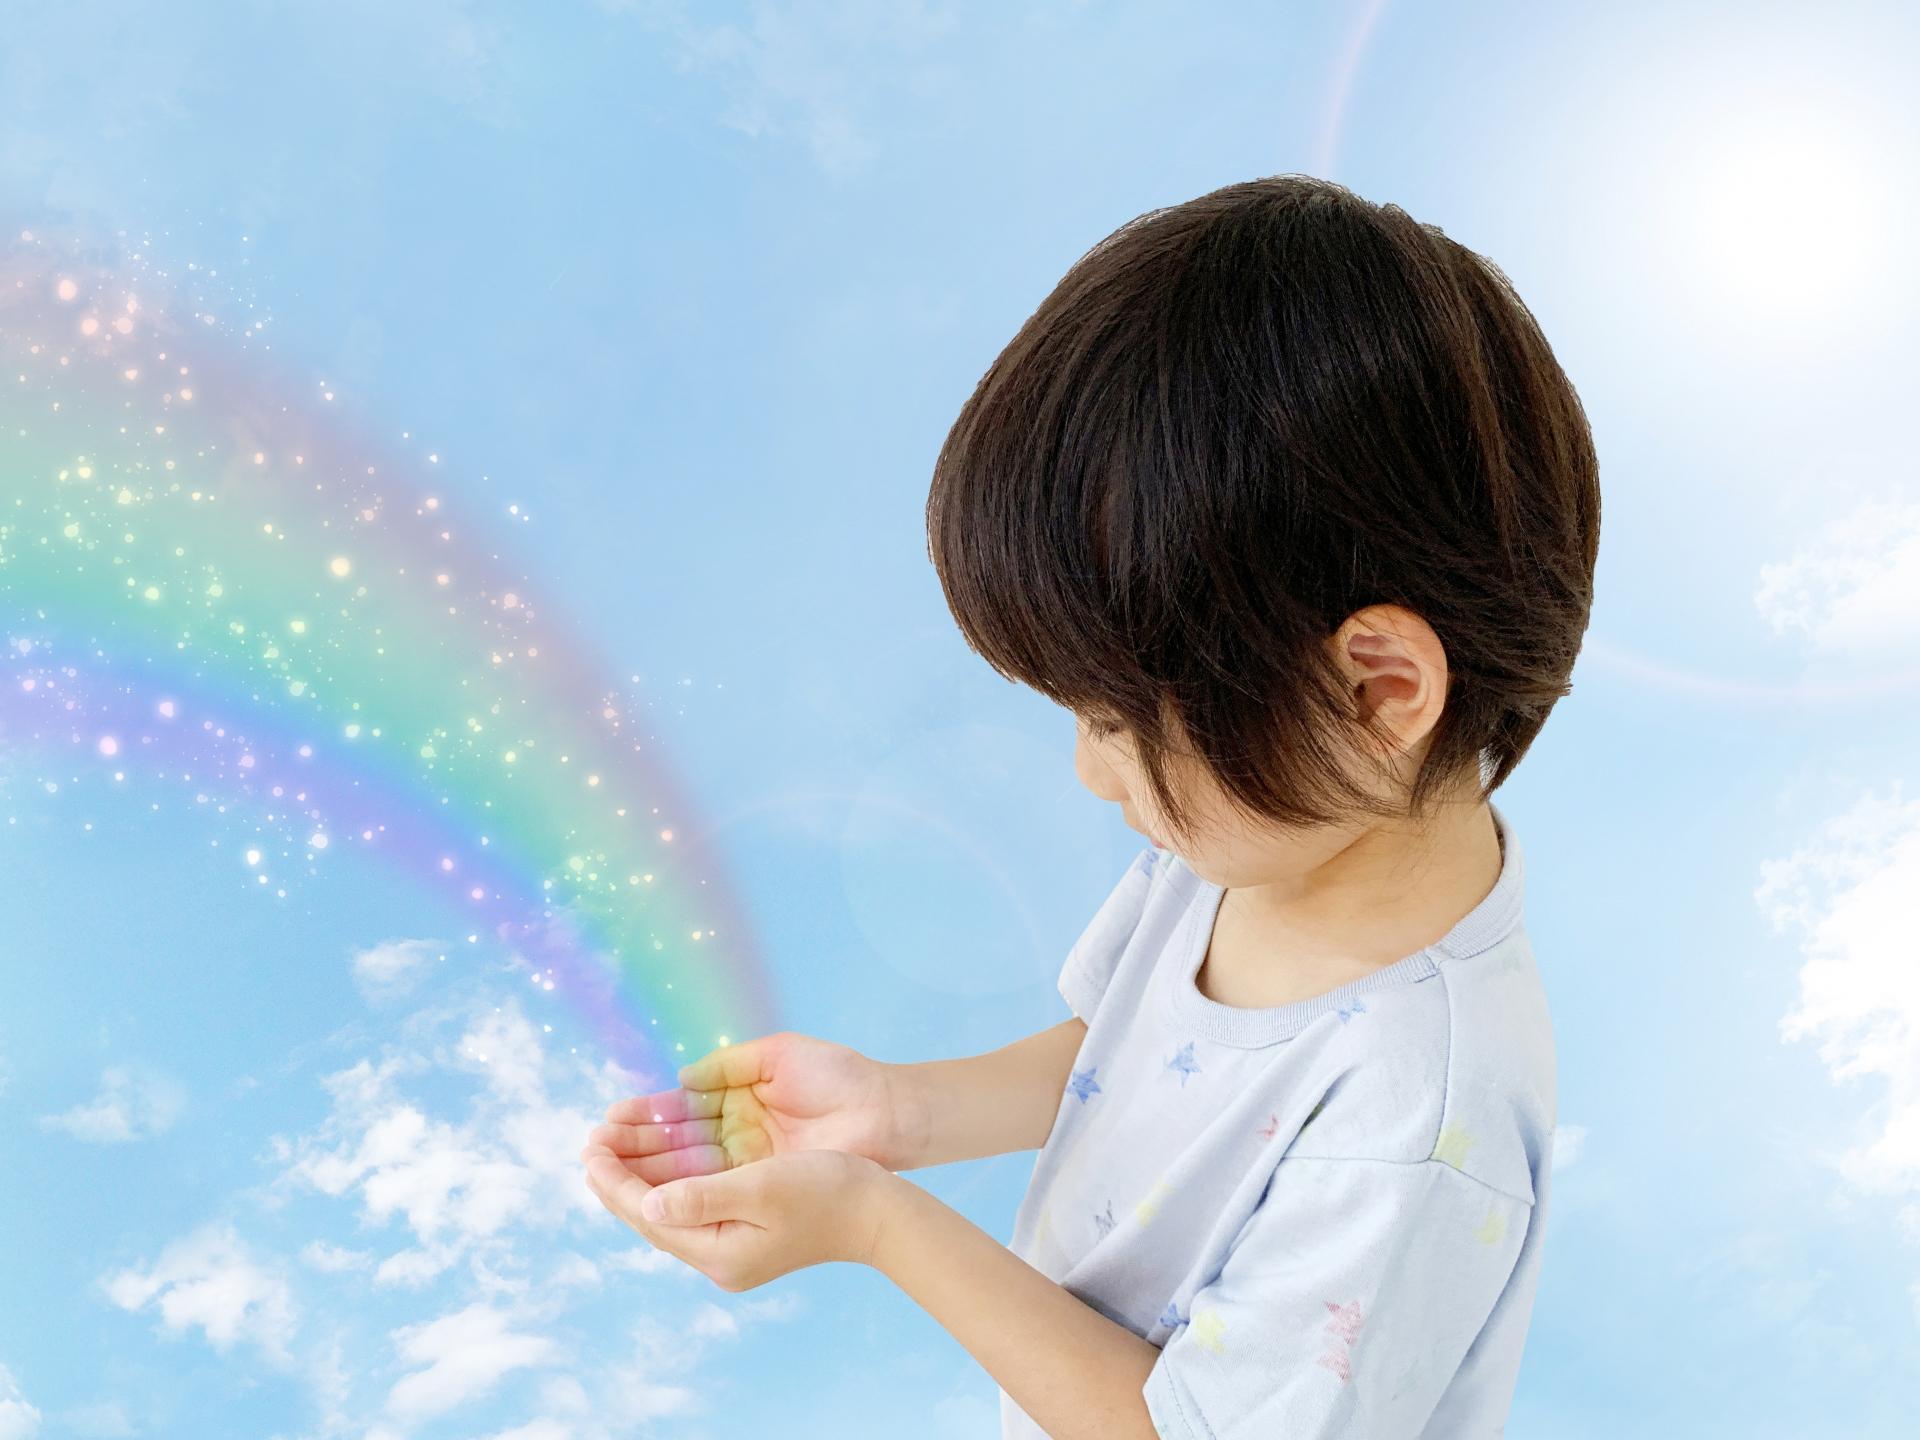 子どもの秘められた能力を引き出し、学力アップ!親が知っておきたい3つのポイントの画像1